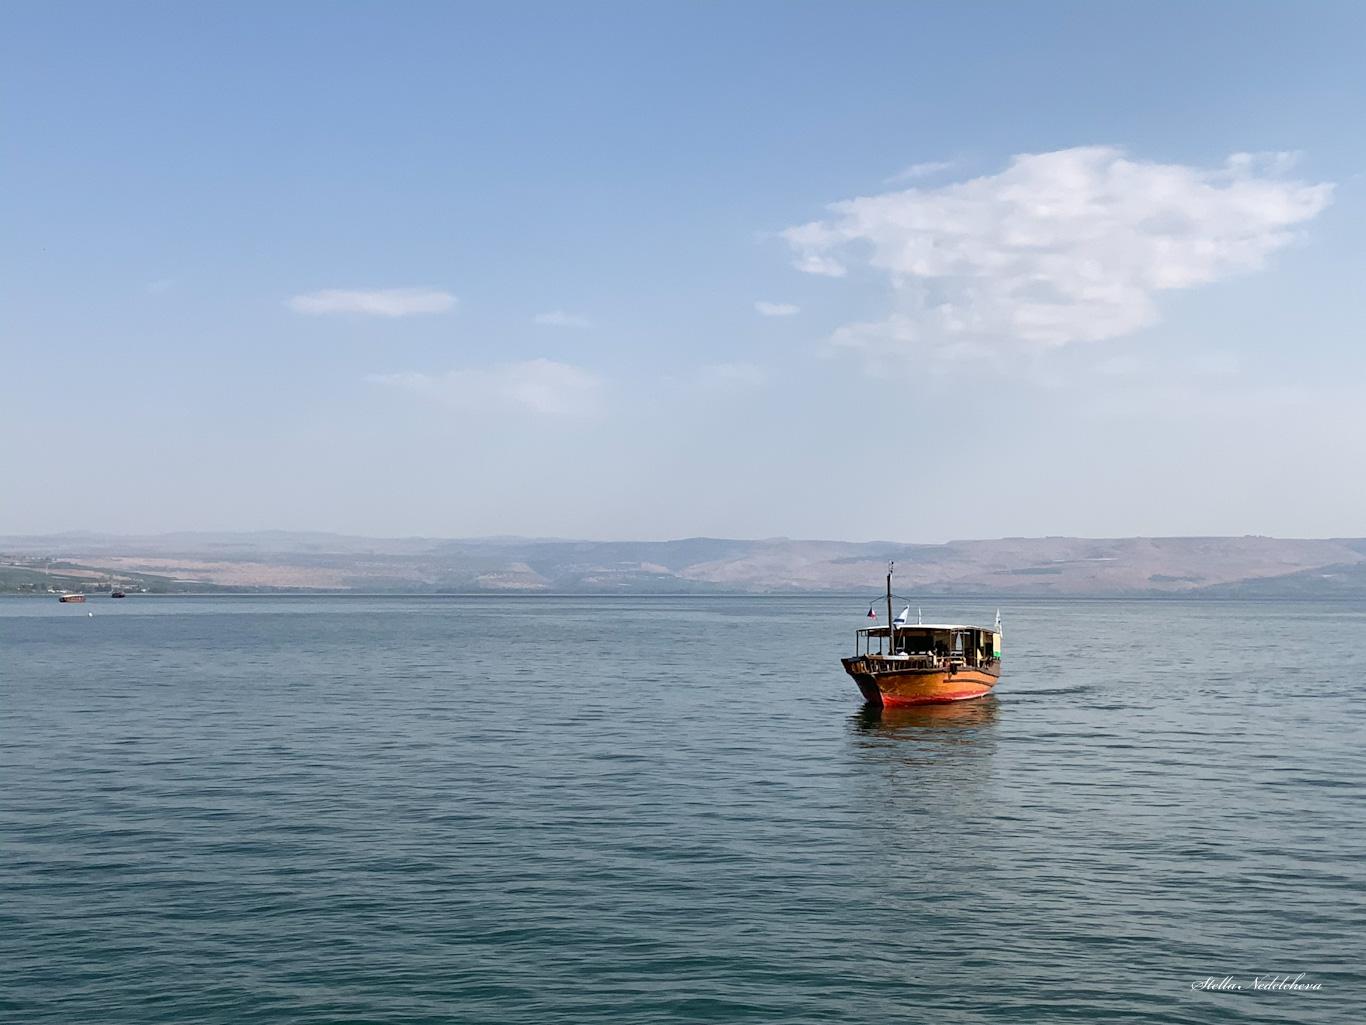 Un bateau sur la mer de Galilée